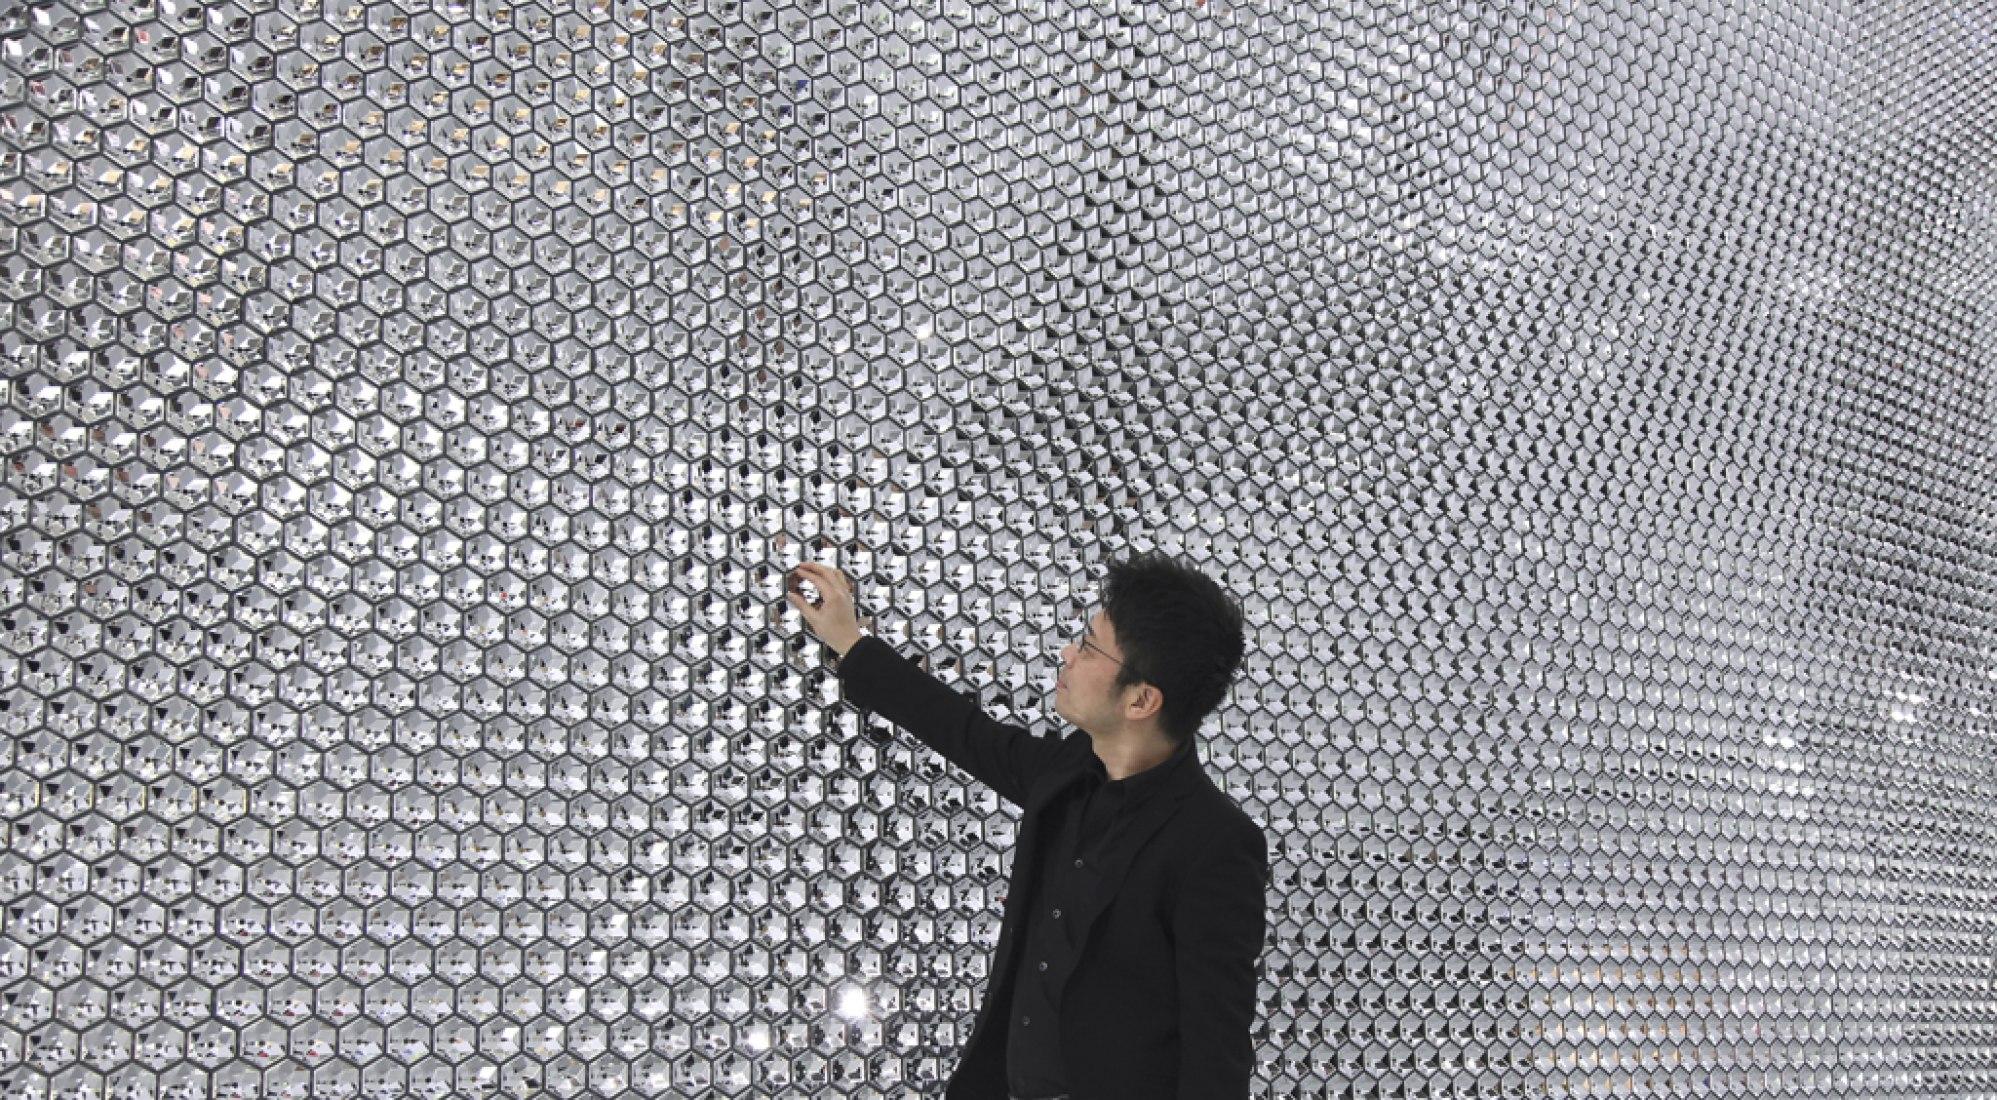 Tokujin Yoshioka in Stand Swarovski at Baselworld 2013. Image © courtesy of Tokujin Yoshioka.